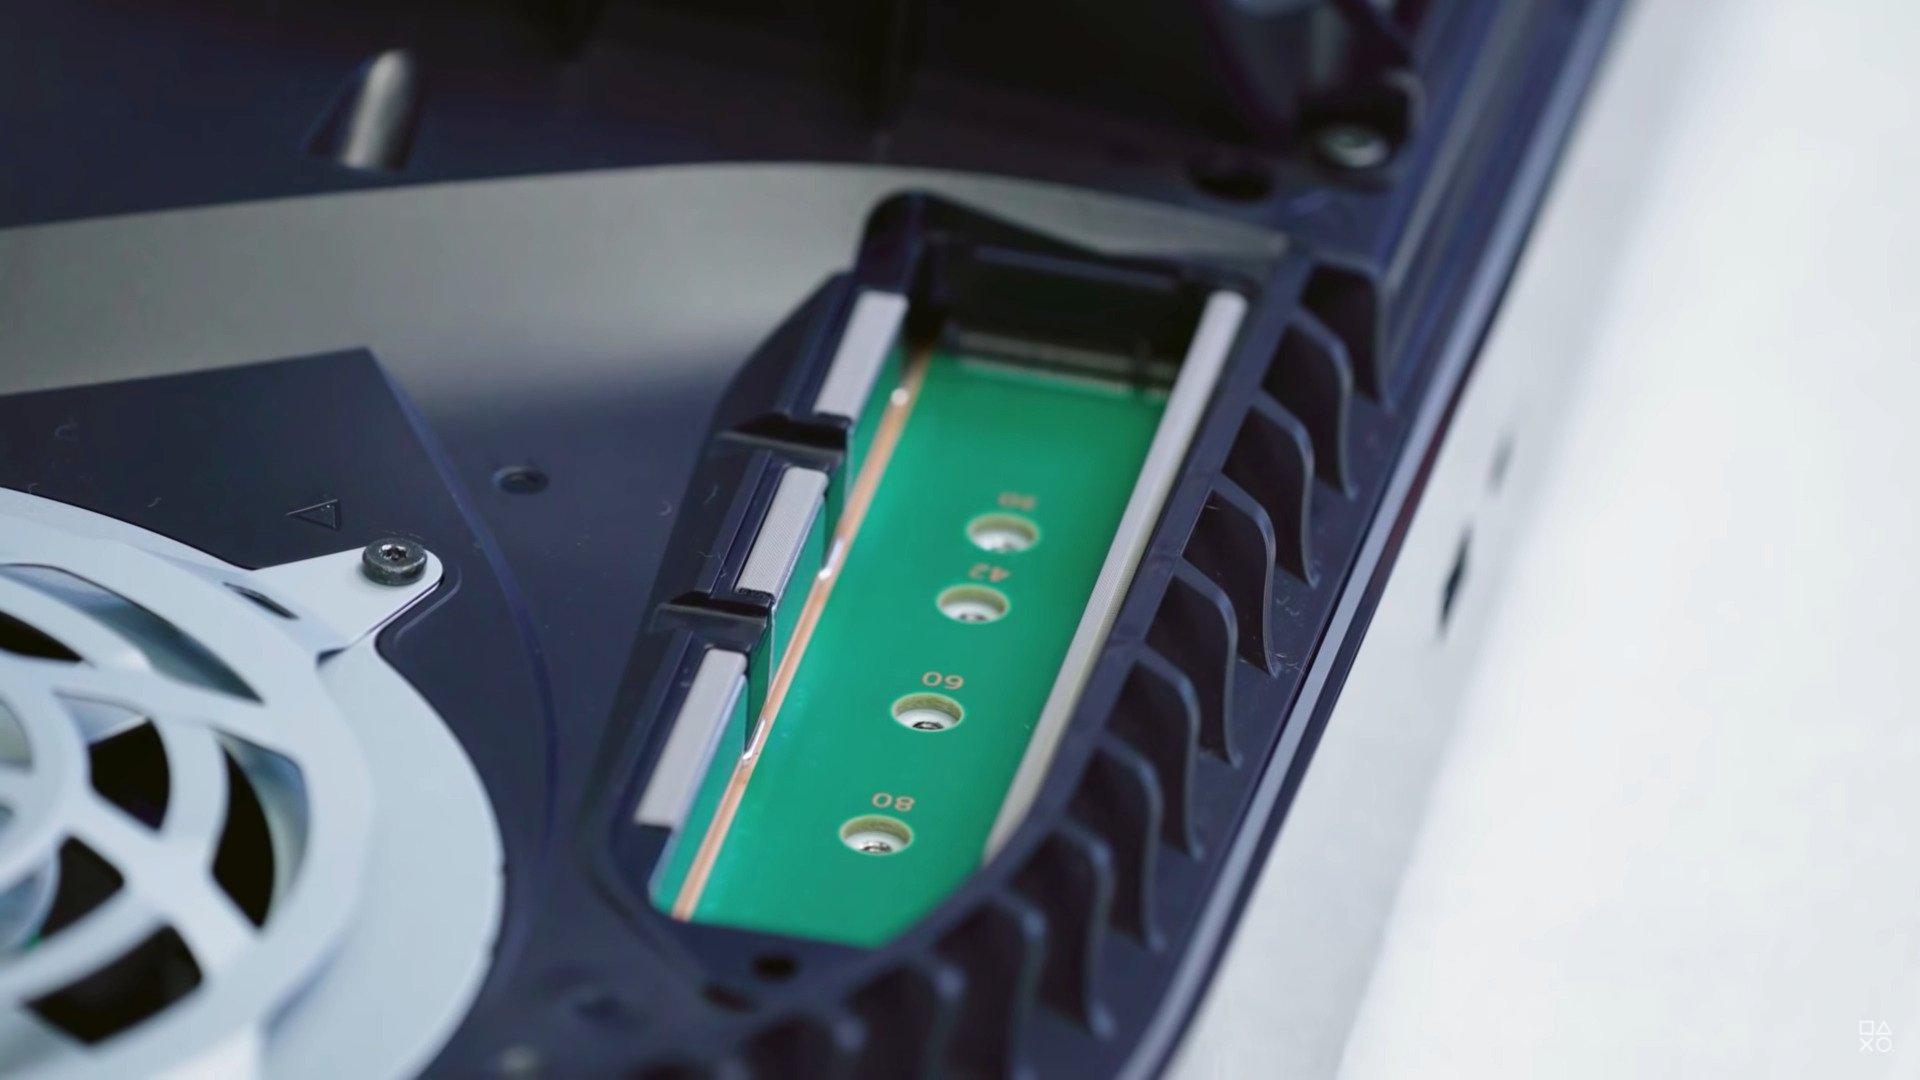 Sony åbner op for intern SSD-udvidelse til PS5 i seneste beta-software